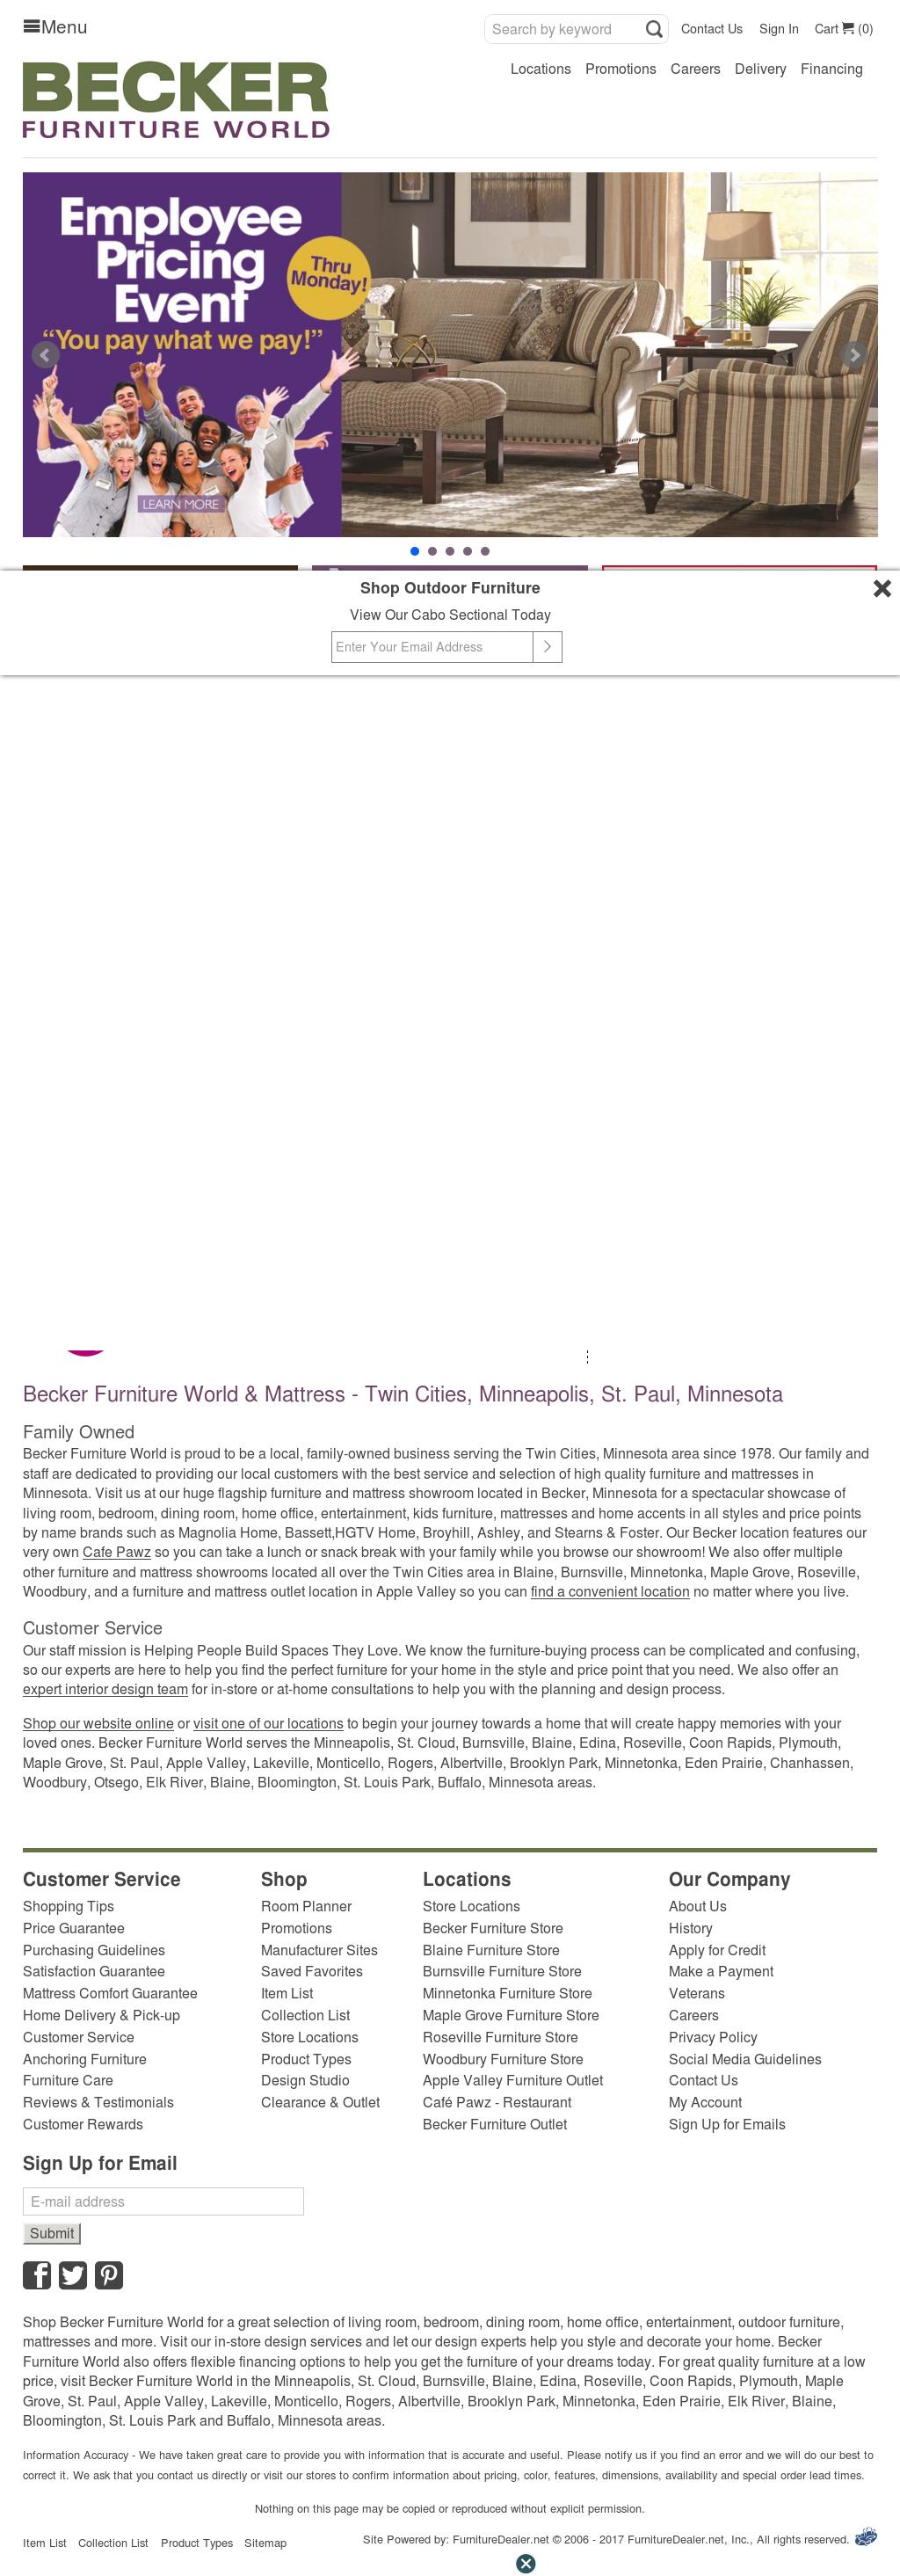 Becker Furniture Worldu0027s Website Screenshot On Sep 2017